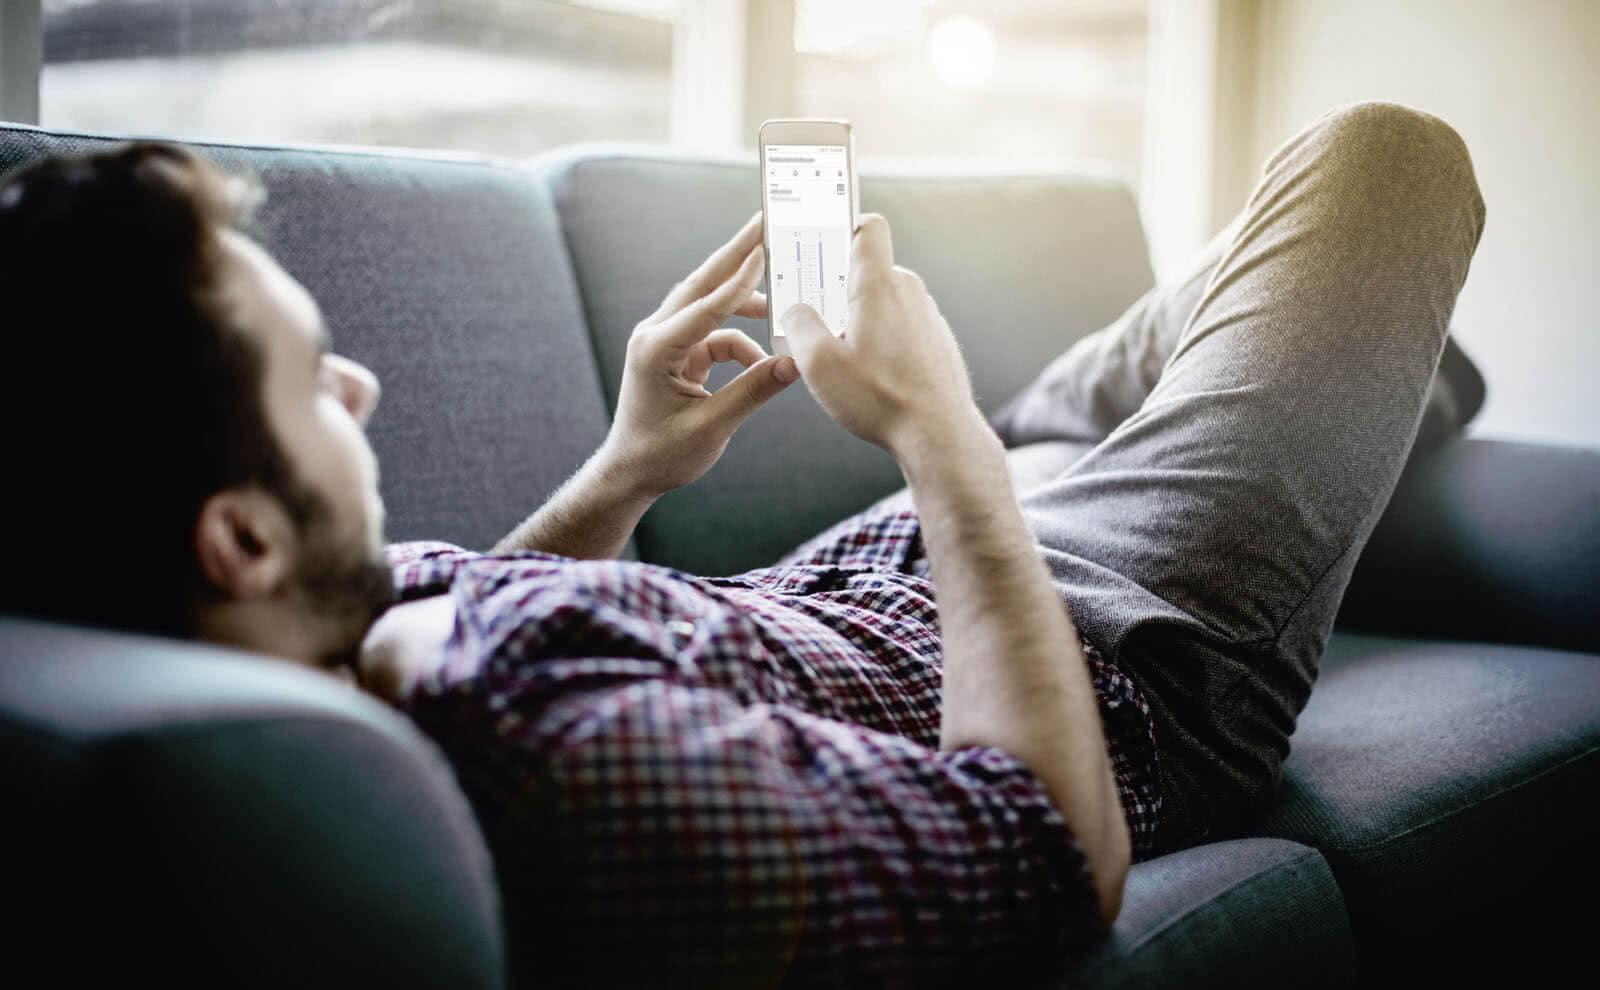 Hraní hazardních her na mobilu